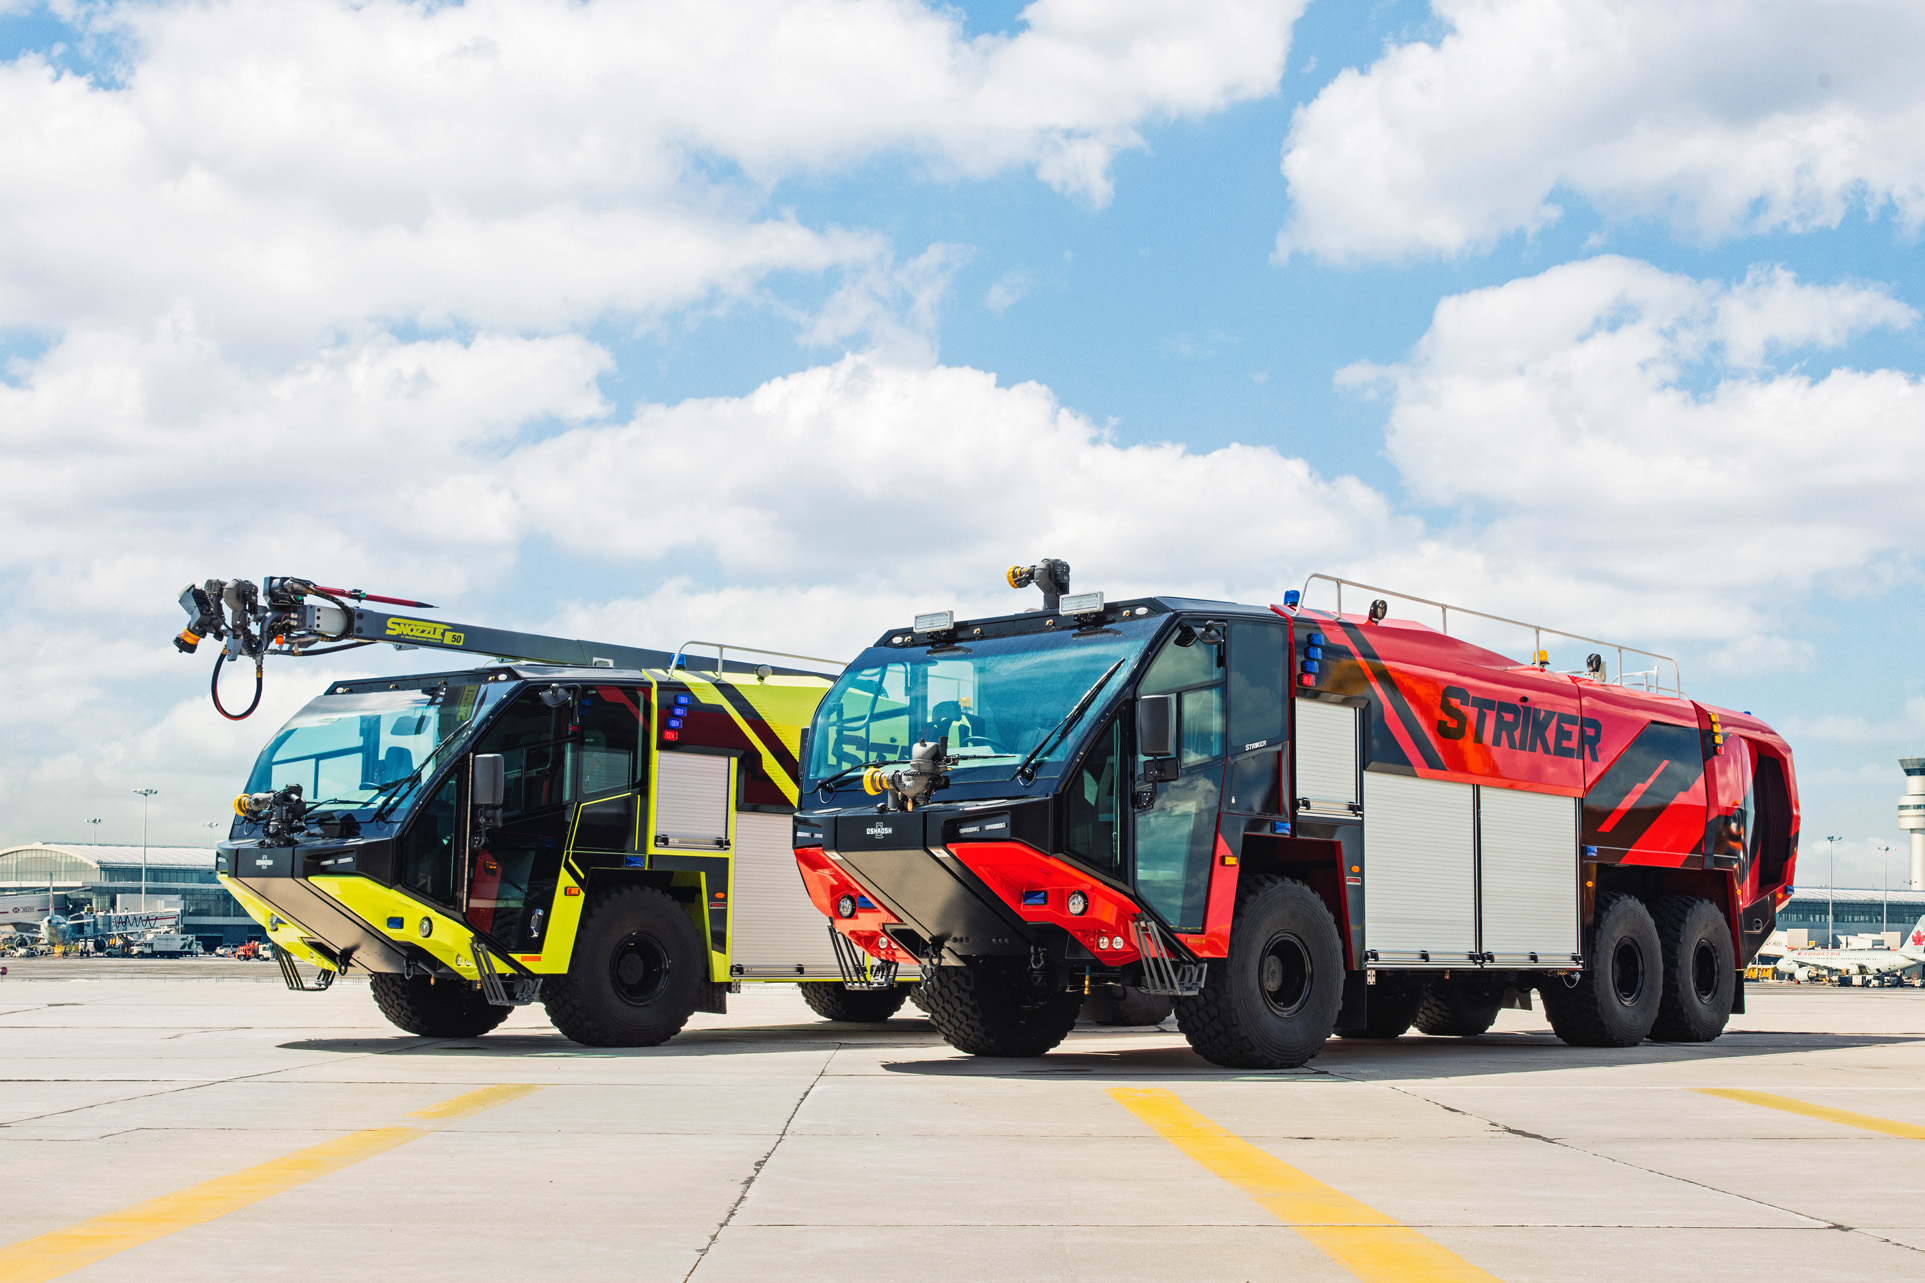 Striker de Oshkosh Airport Products (nouvelles génération de ARFF)